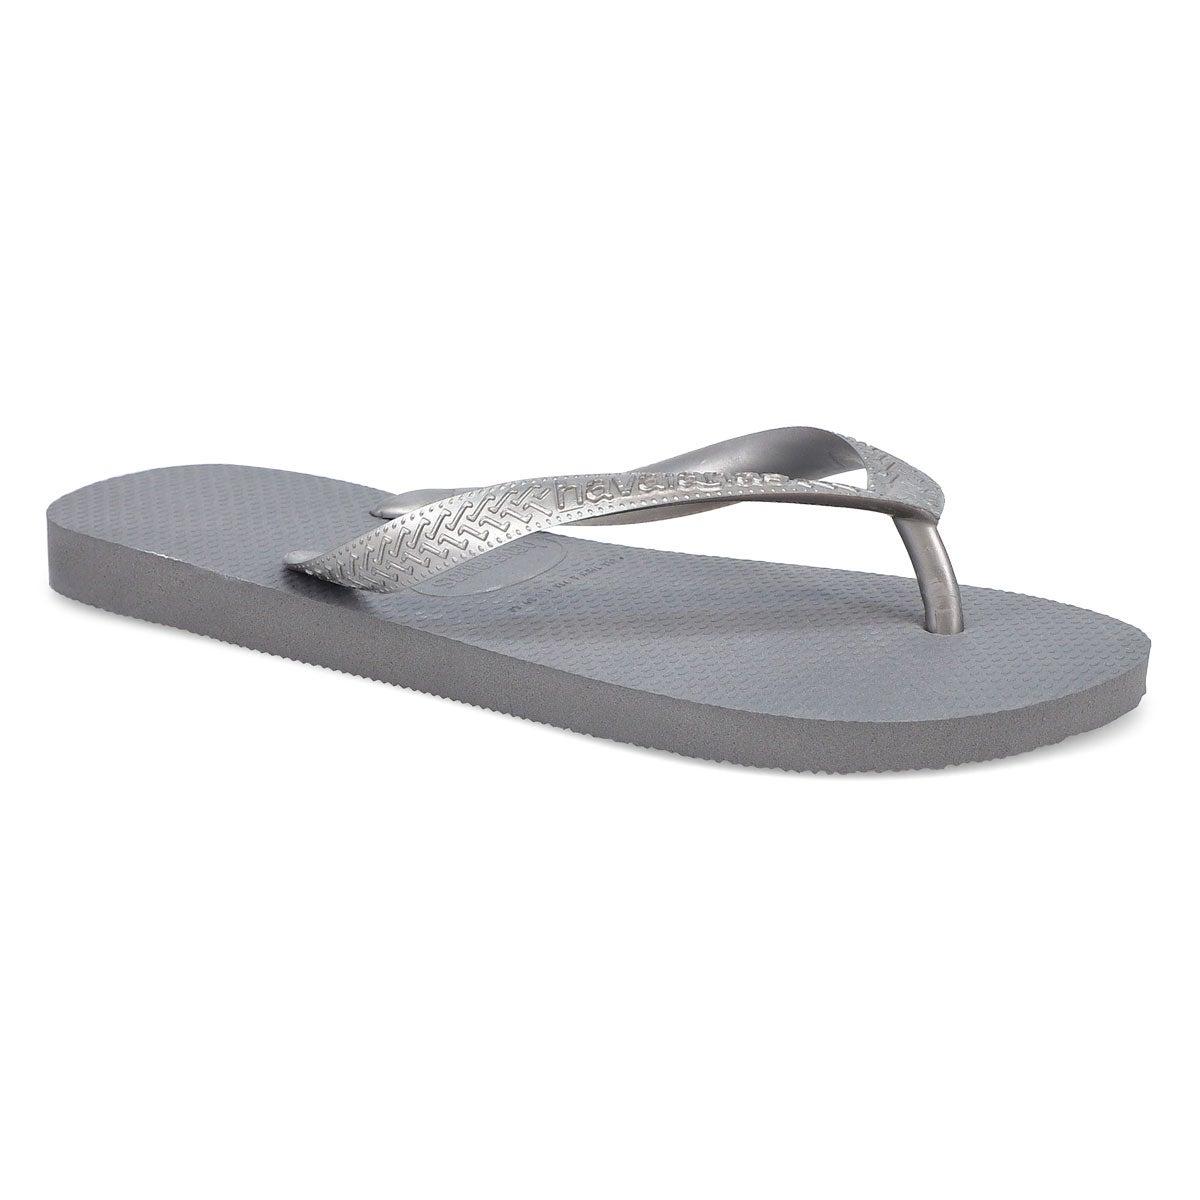 Women's Top Tiras Flip Flops - Steel Grey